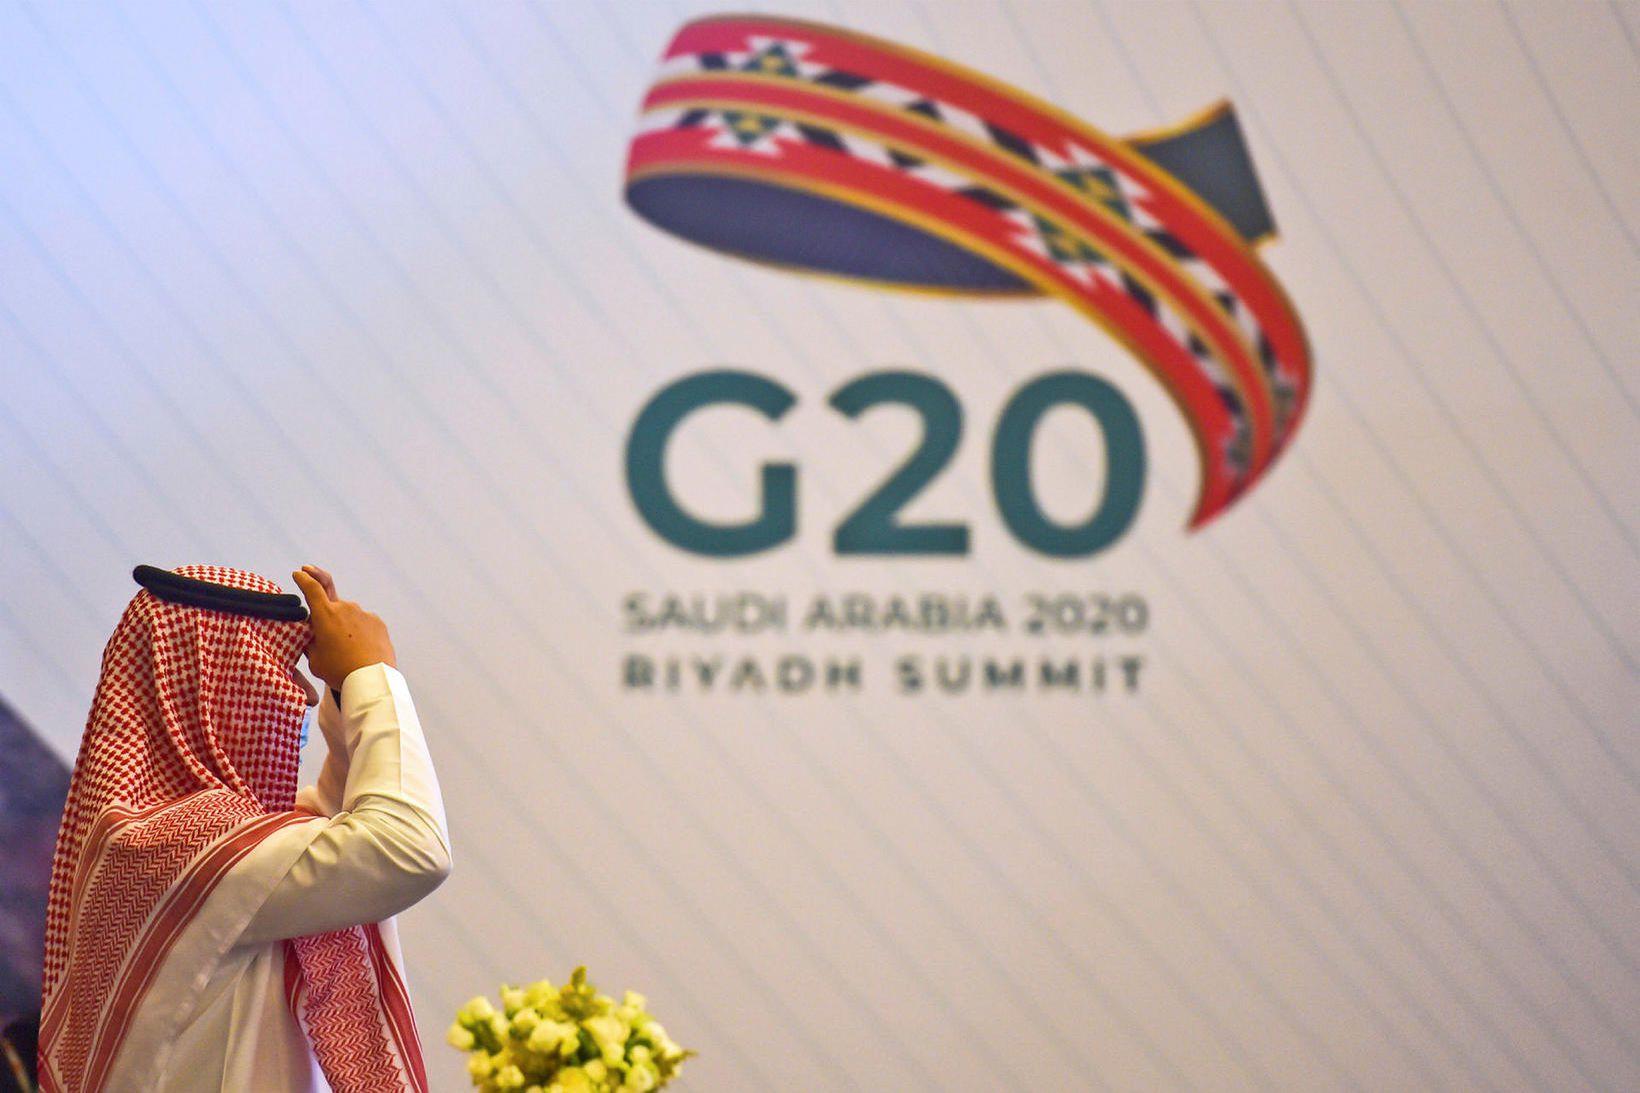 Ráðstefna G20 ríkjanna fer fram í Riyadh, höfuðborg Sádi-Arabíu, um …